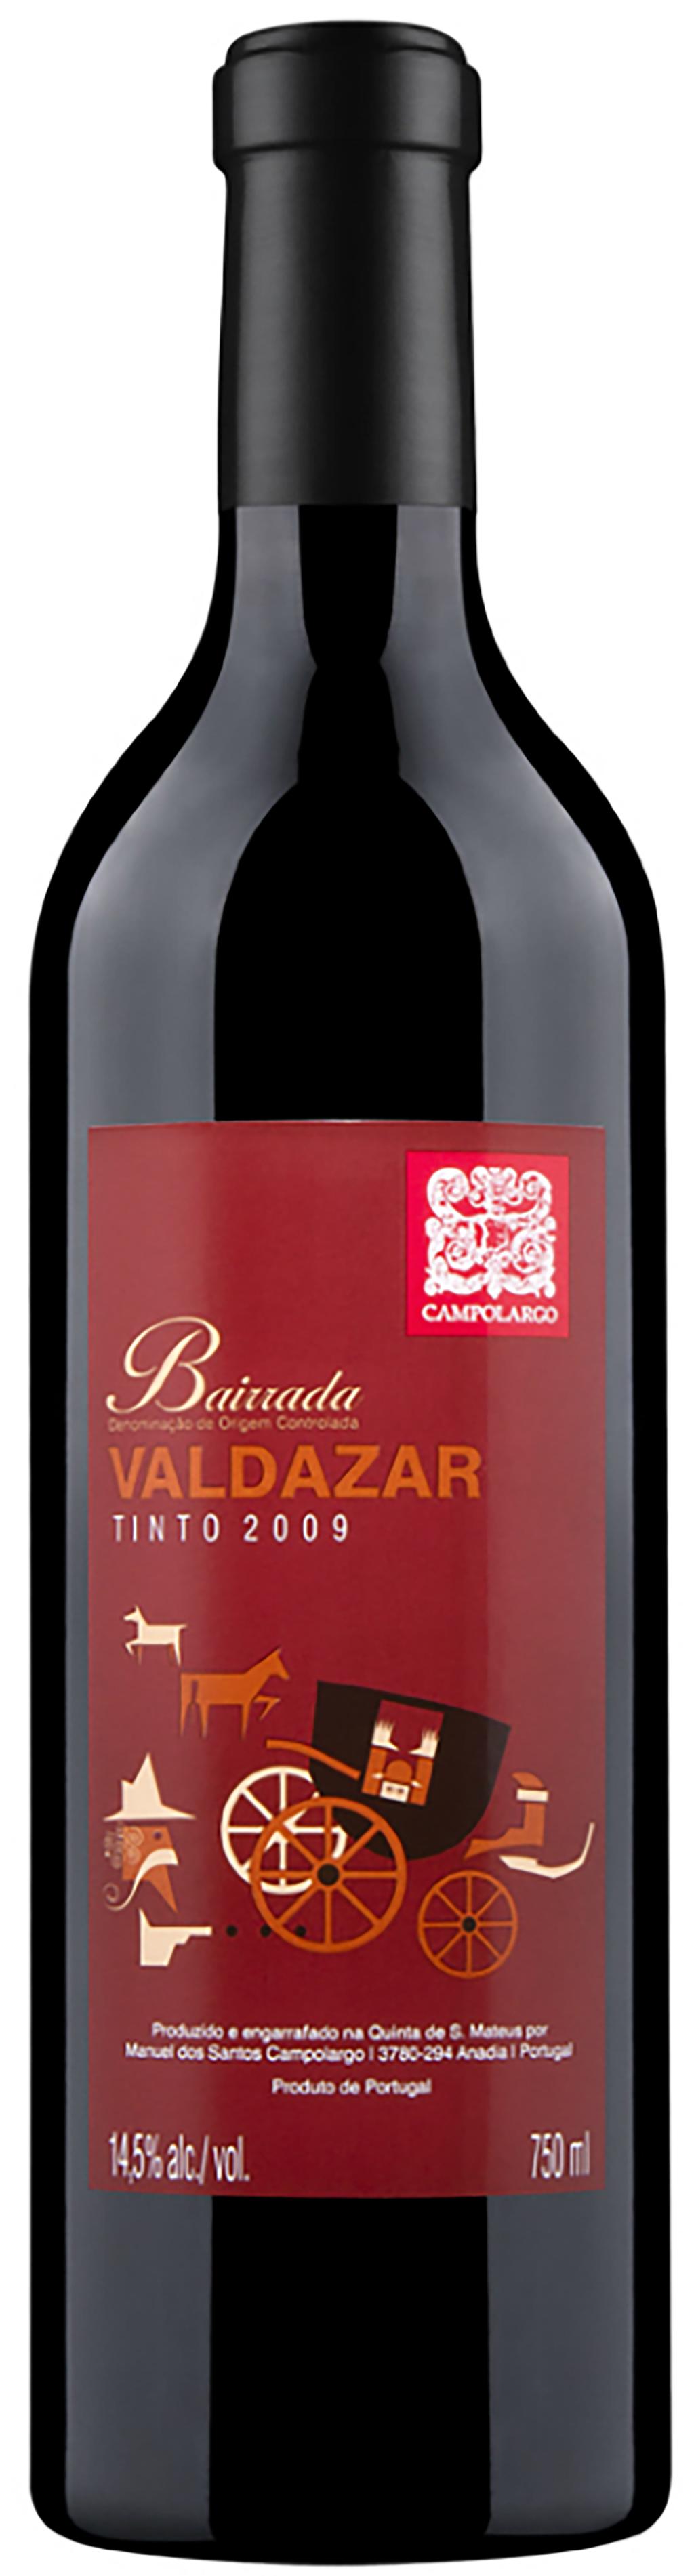 Valdazar